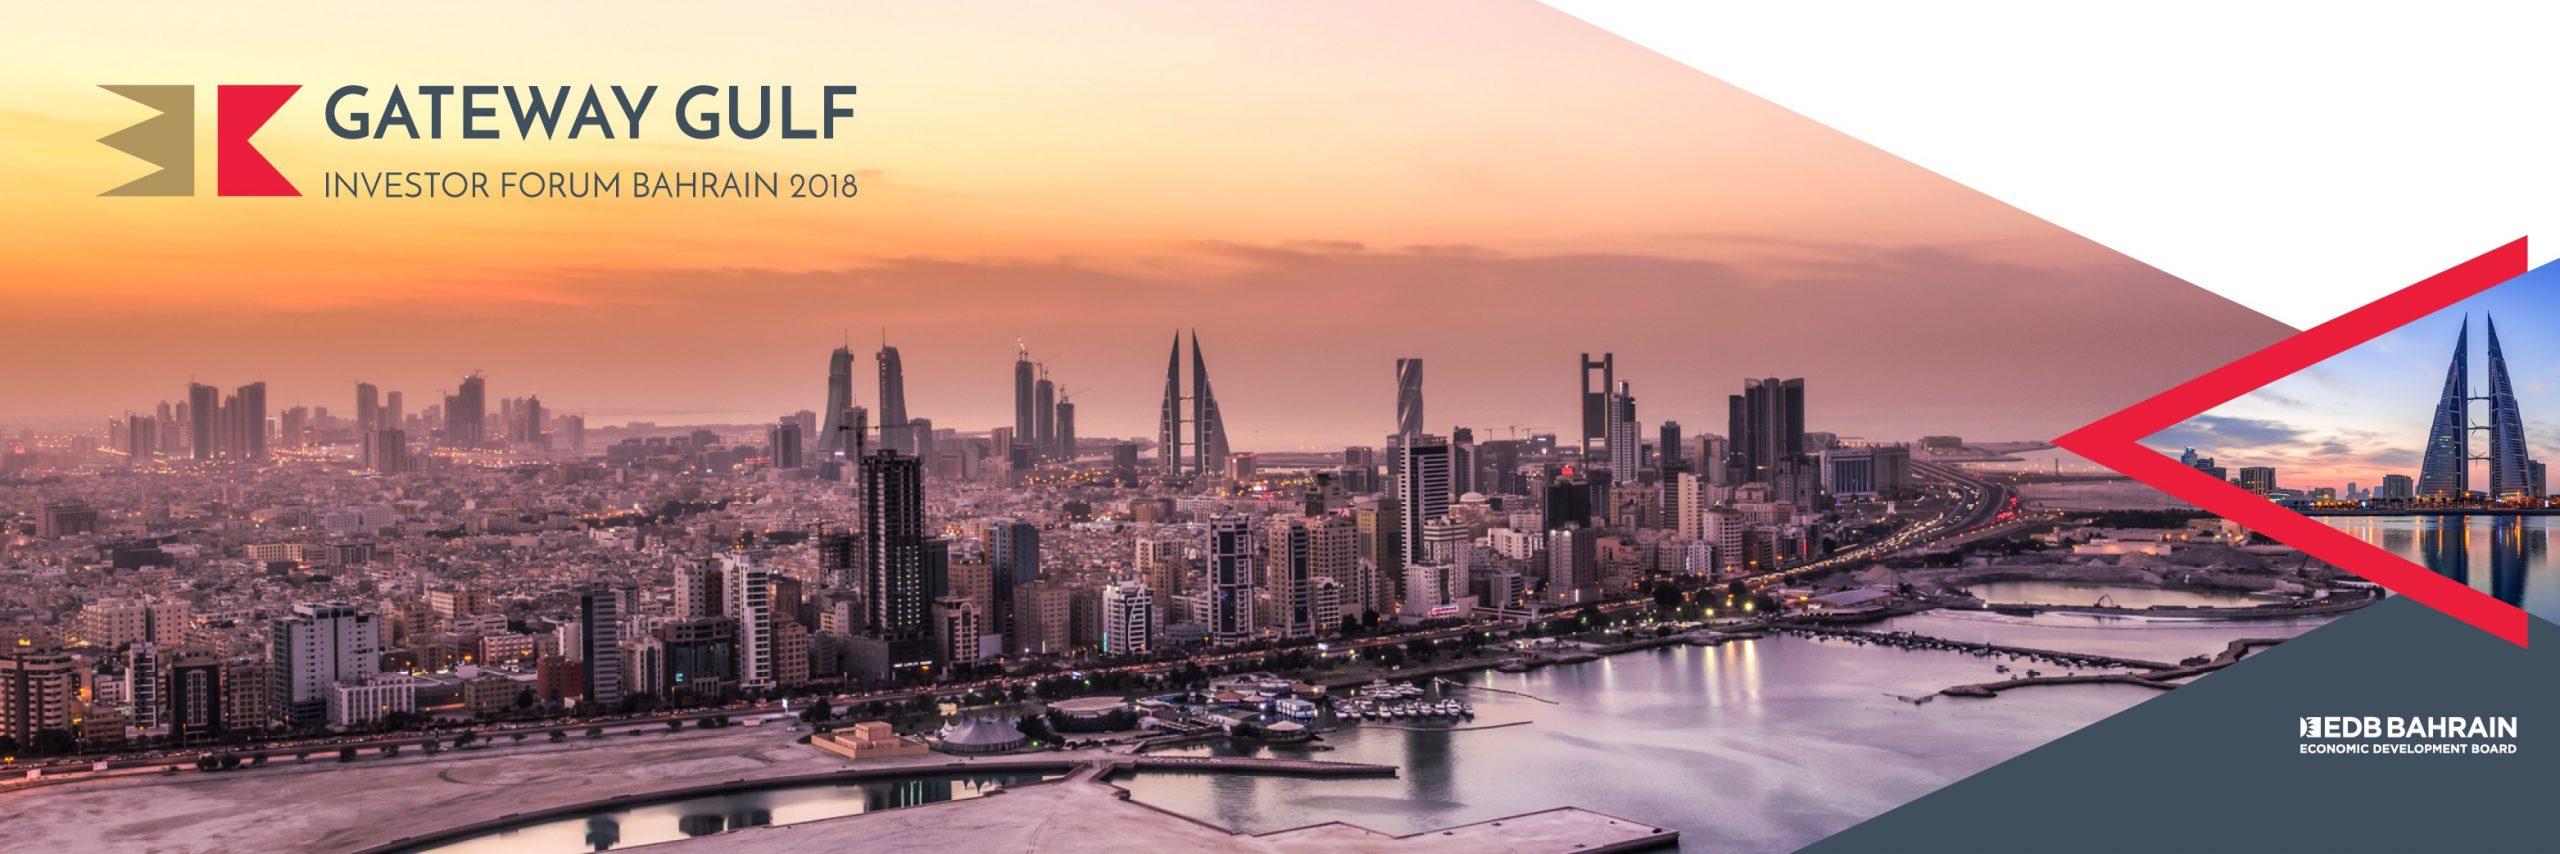 تحت رعاية سمو ولي العهد وبتنظيم مجلس التنمية الاقتصادية… مستثمرون دوليون يجتمعون في البحرين لبحث الفرص الاستثمارية في دول مجلس التعاون الخليجي